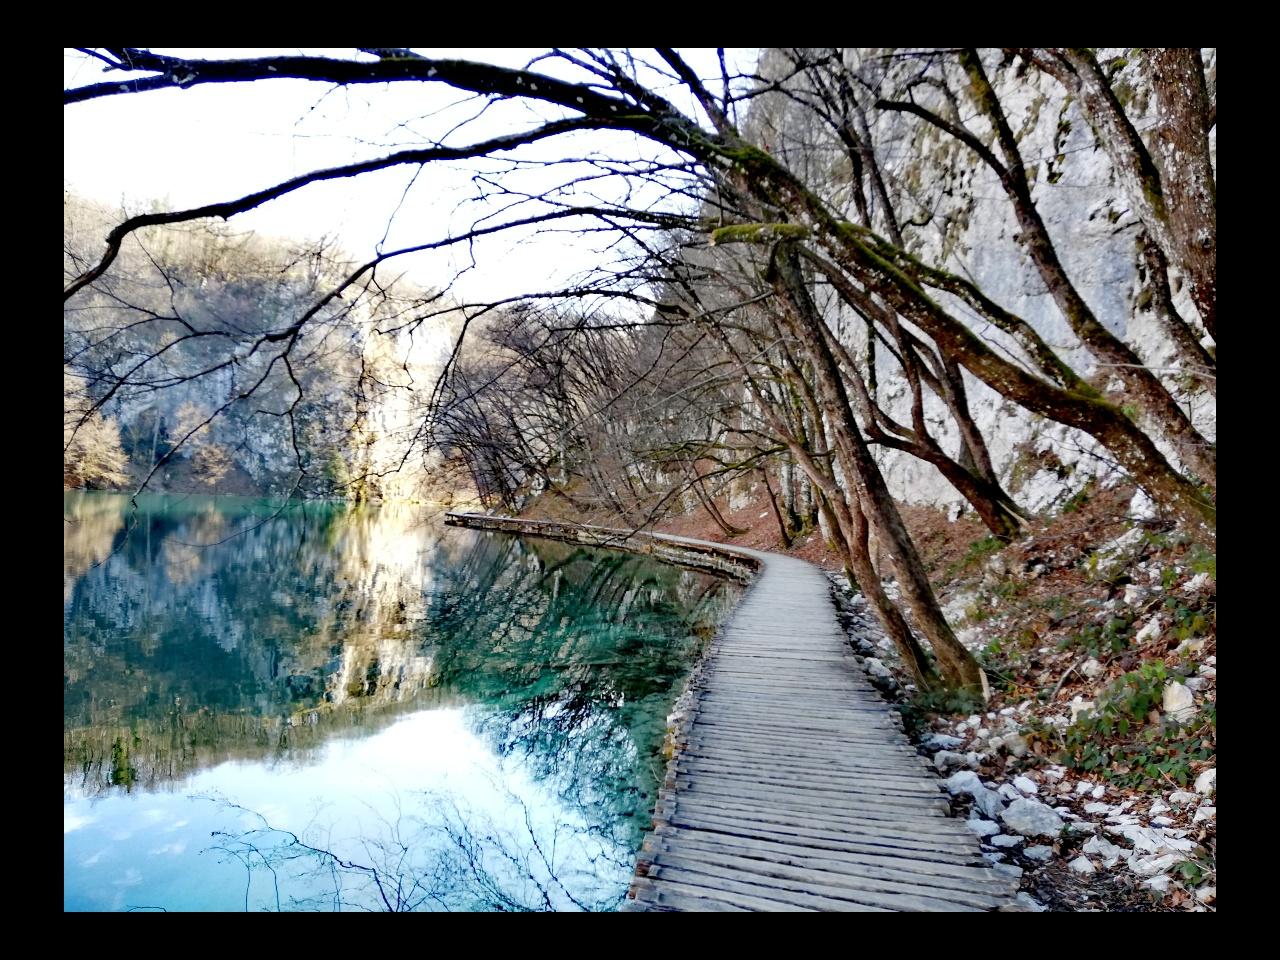 Plitvicer Seen Stege